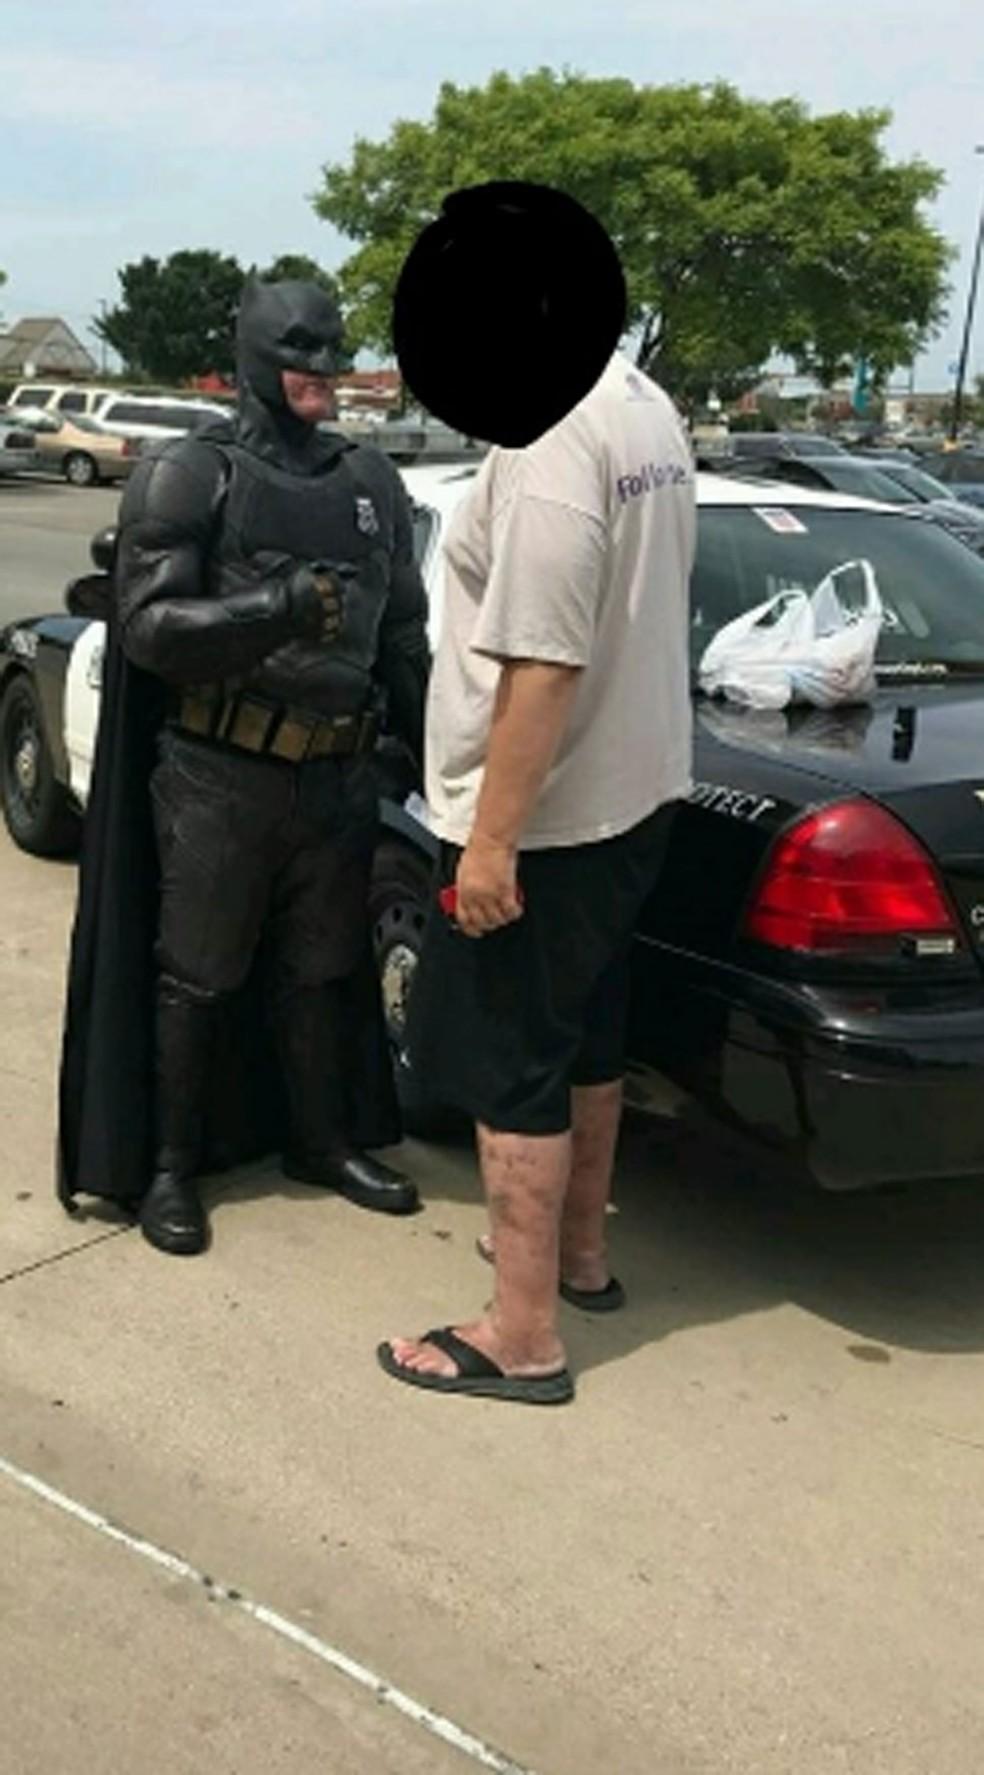 Policial vestido de Batman prende suspeito de roubo nos EUA (Foto: Officer Damon Cole/Twitter)